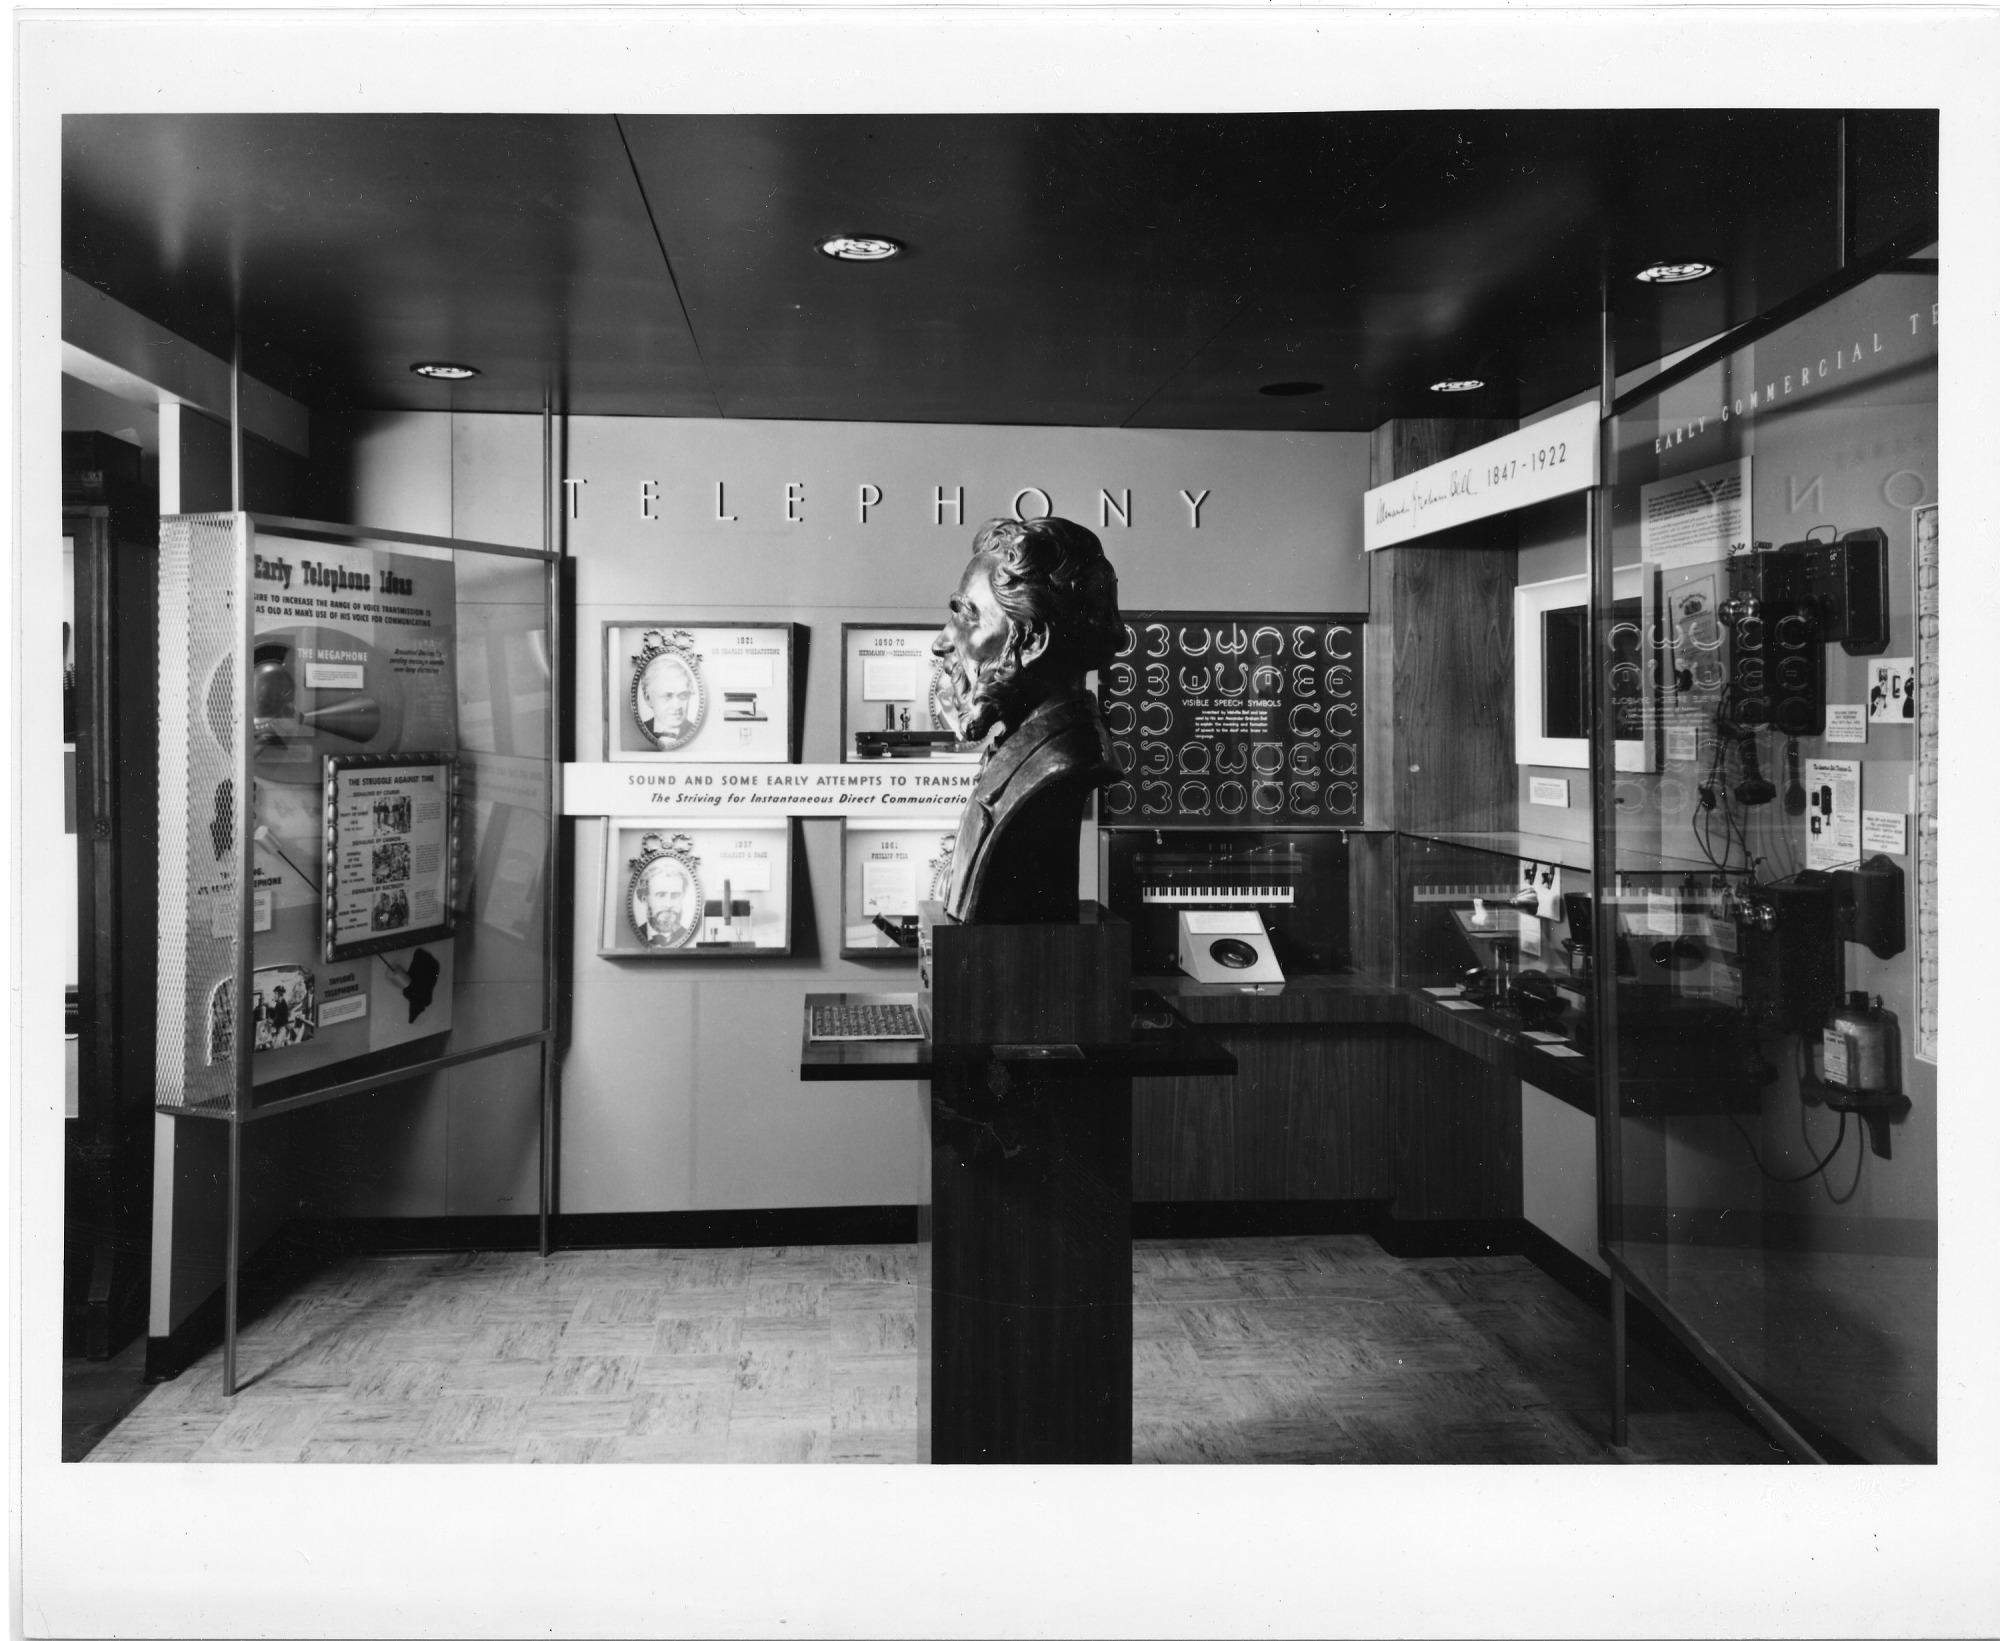 Mar 10 Telephone Exhibit